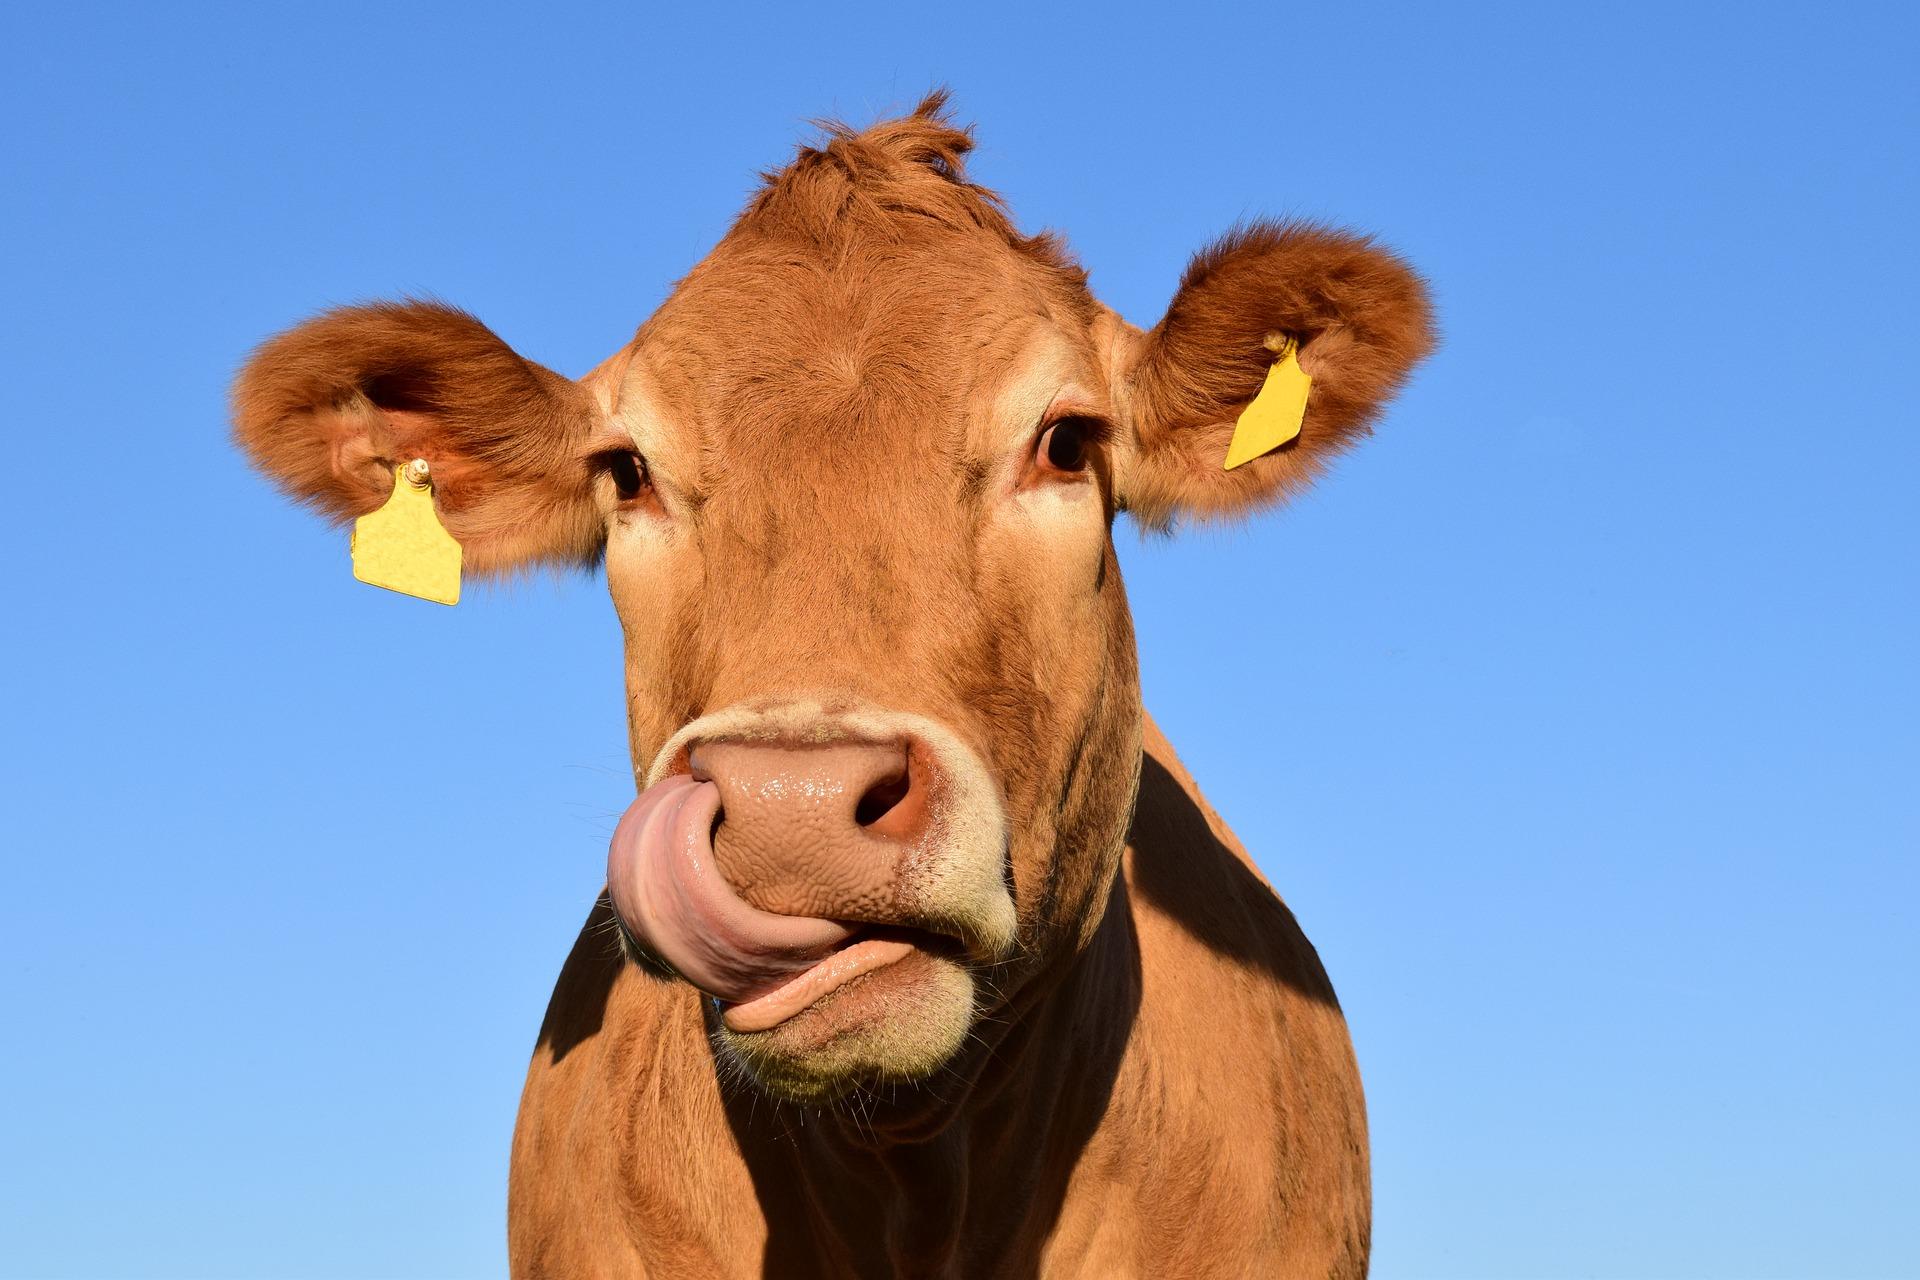 En quoi la traçabilité animale est-elle particulièrement importante aujourd'hui ?